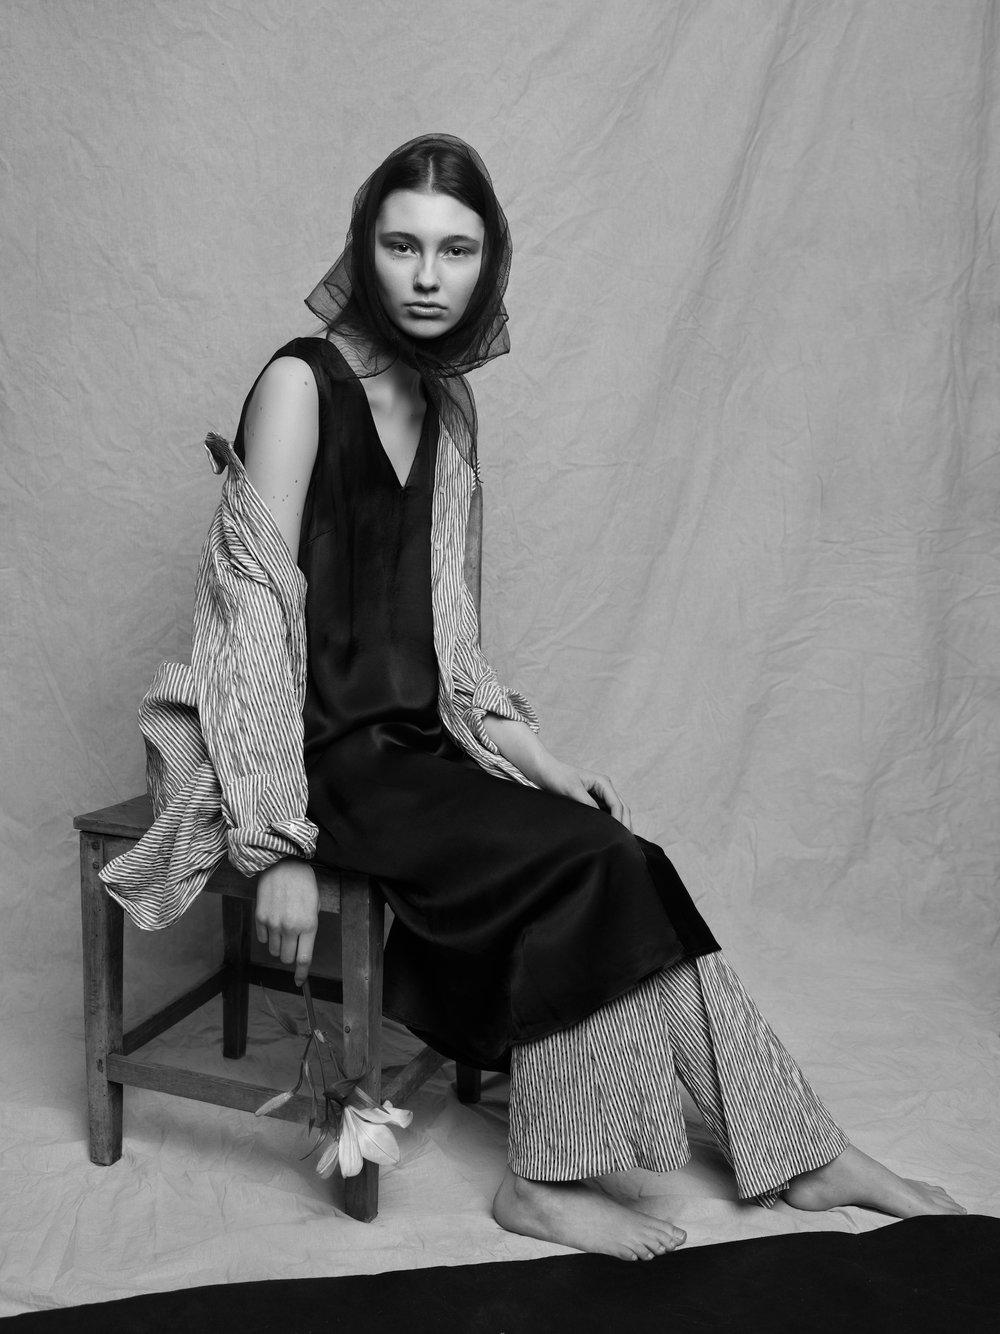 - Skjorte og bukse: MoiréKjole: GestuzSjal: Vintage